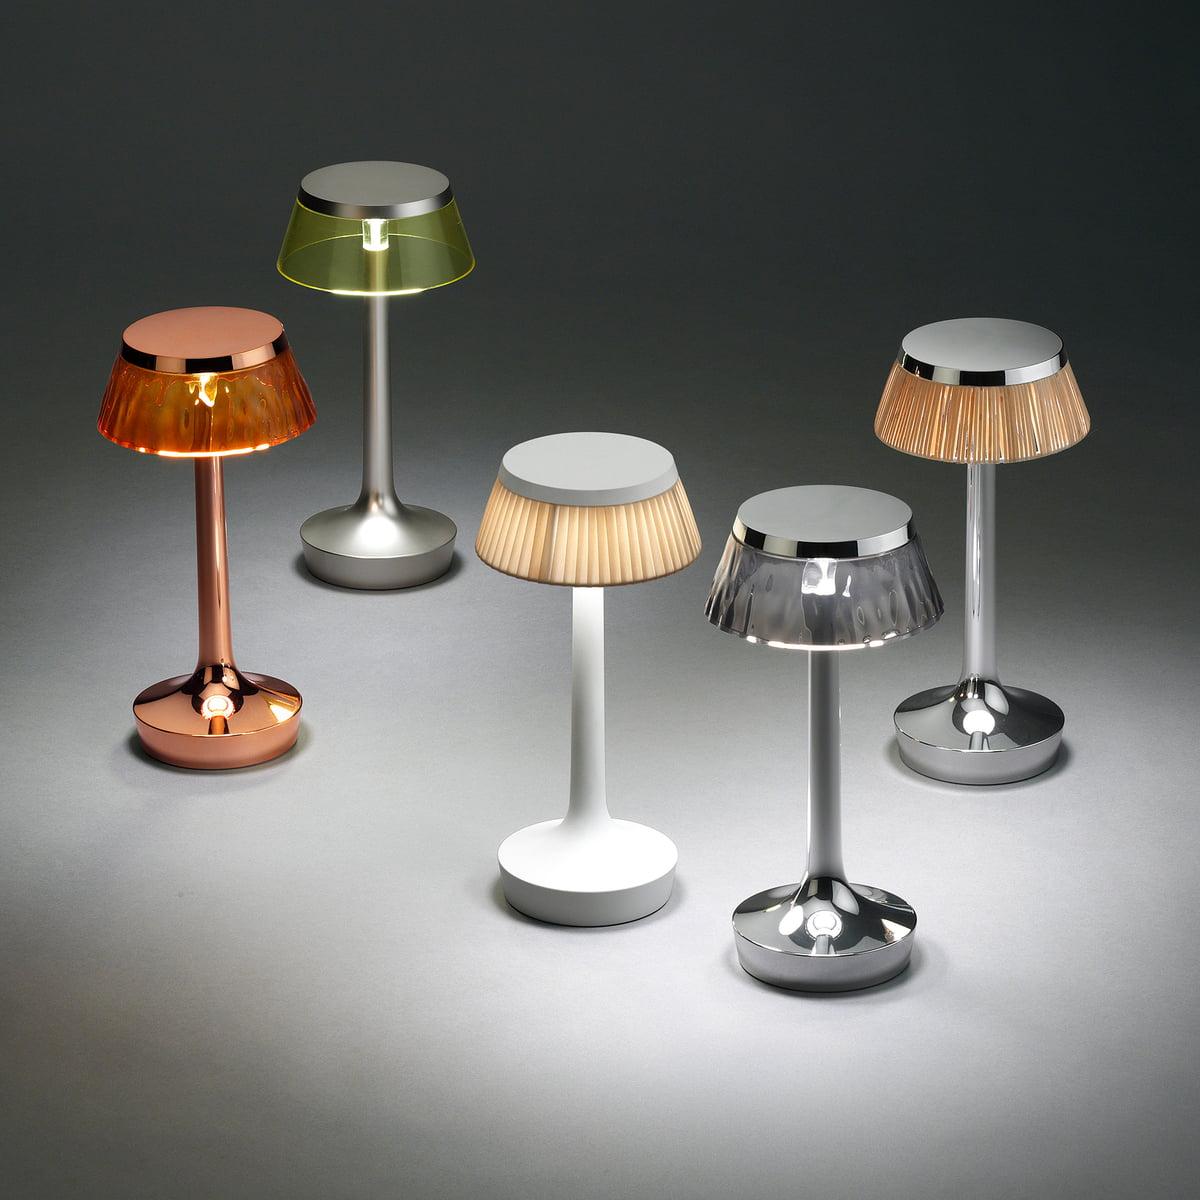 stehlampe ohne kabel stehleuchte this u that eisen leder und mdf schwarzwei with stehlampe ohne. Black Bedroom Furniture Sets. Home Design Ideas